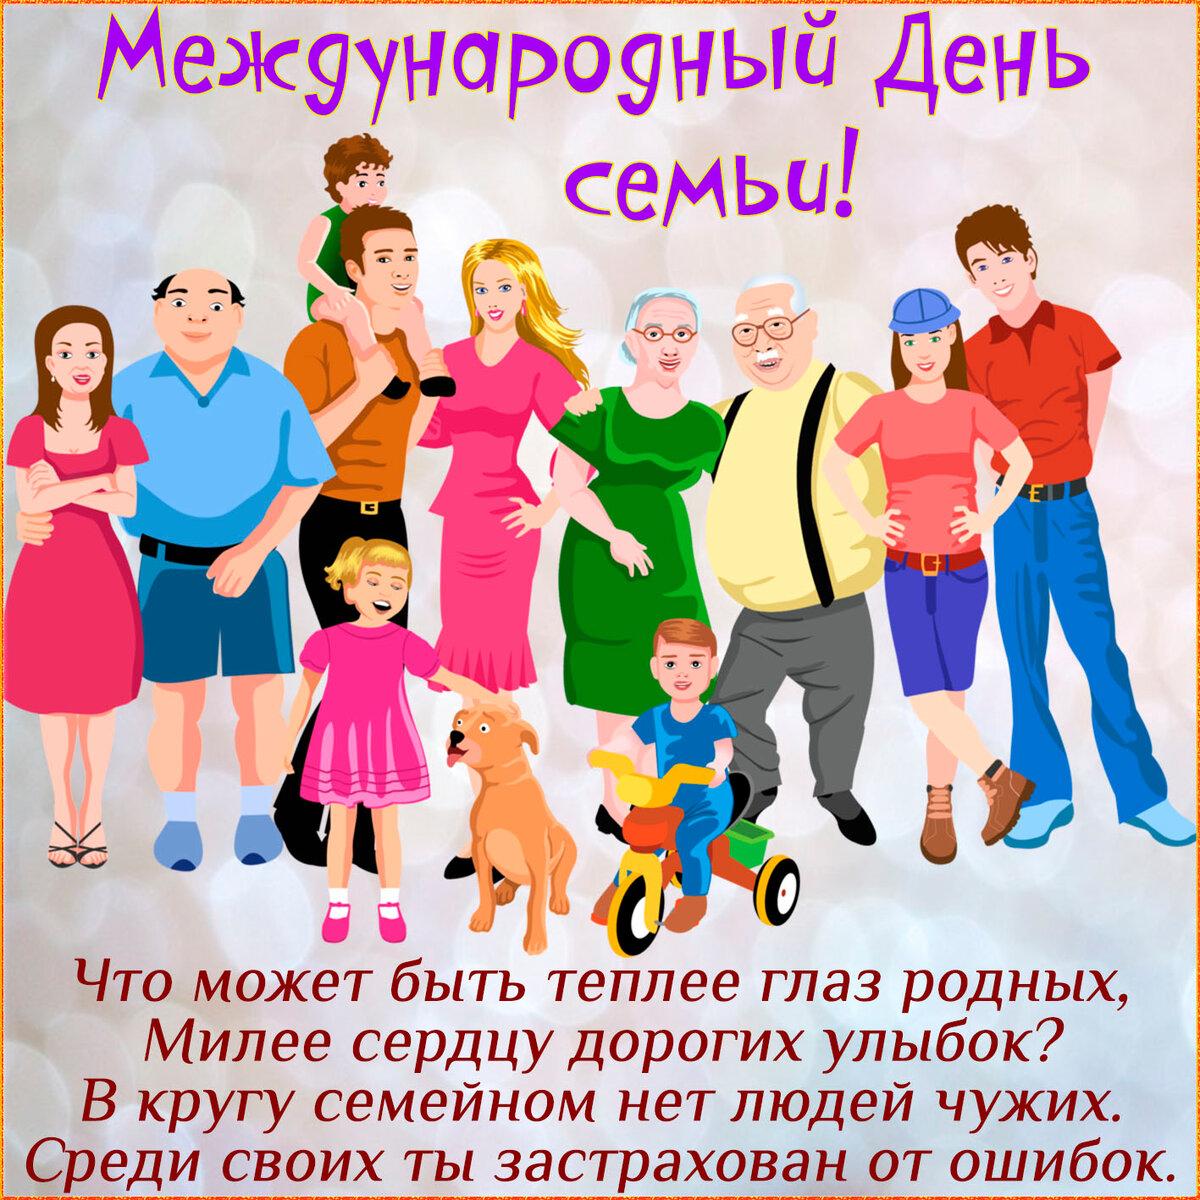 Смешное поздравления для всей семьи